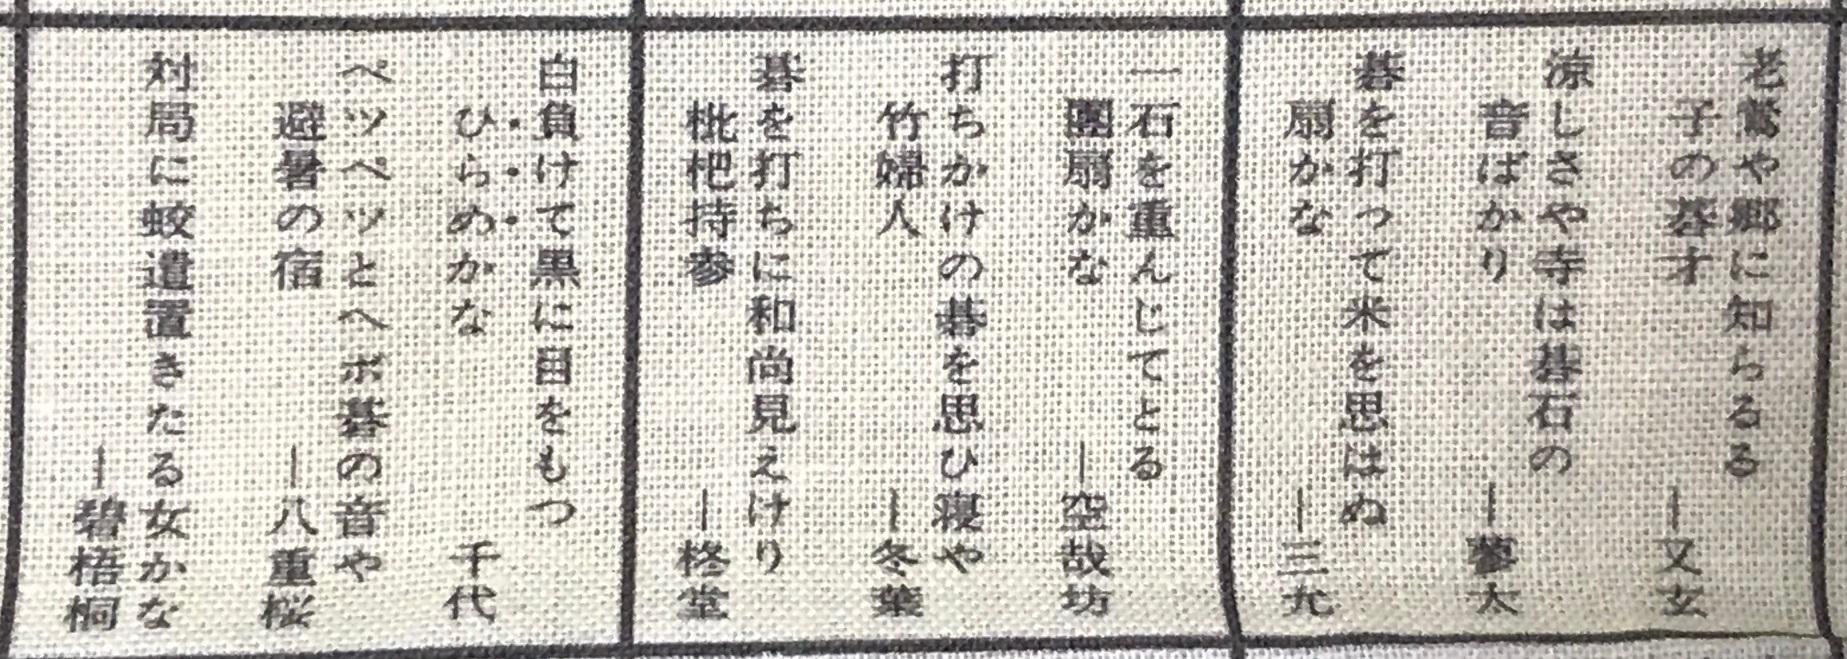 『囲碁百科ハンカチ』 その24